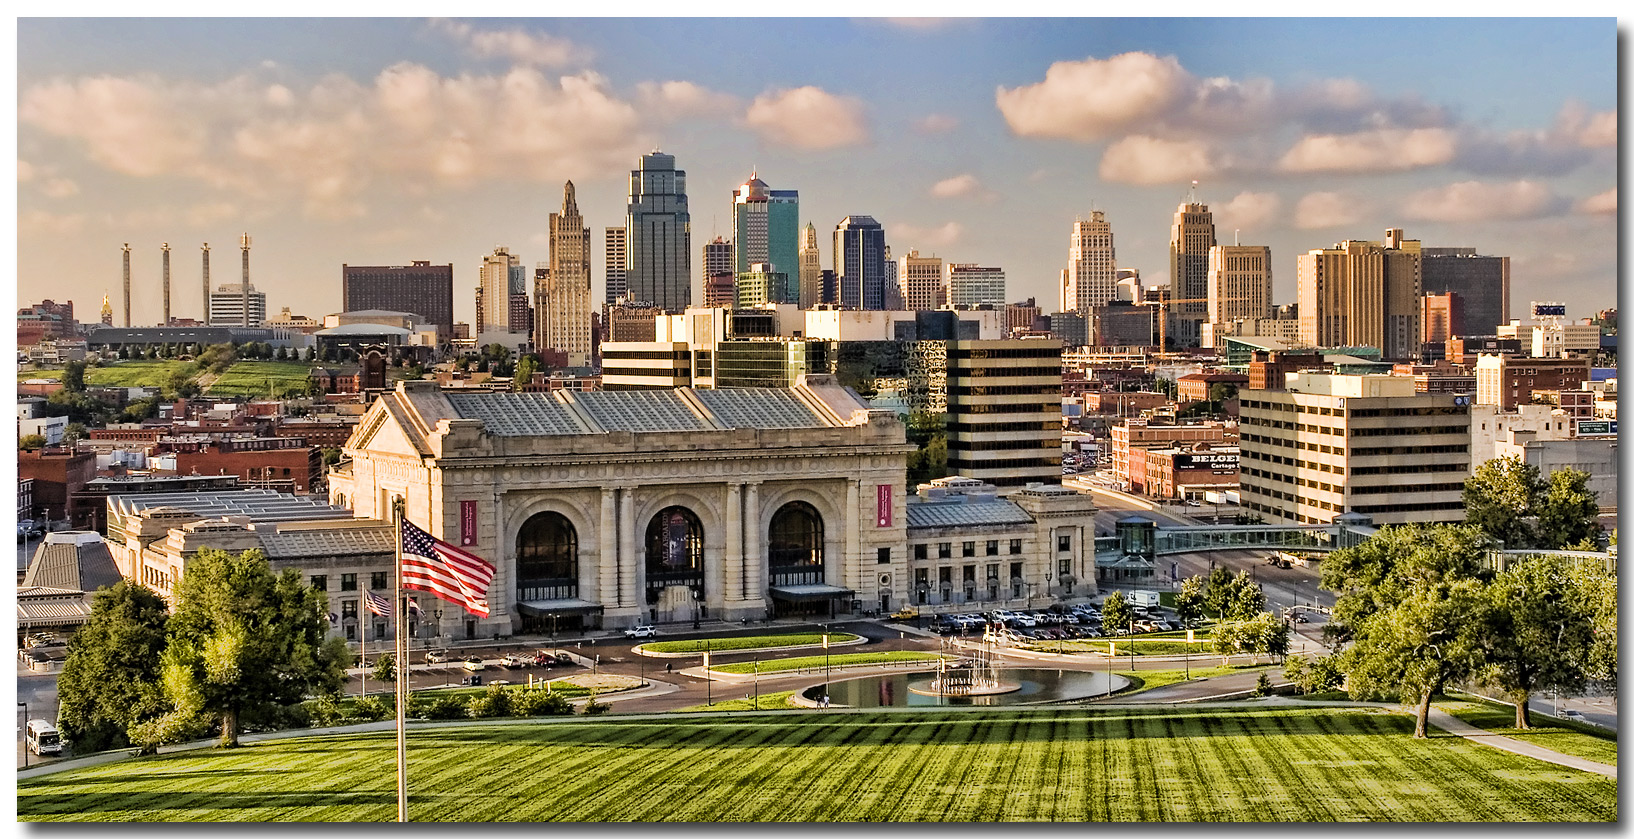 Kansas City Wallpapers 64VMZE5 1634x839 WallpapersExpertcom 1634x839